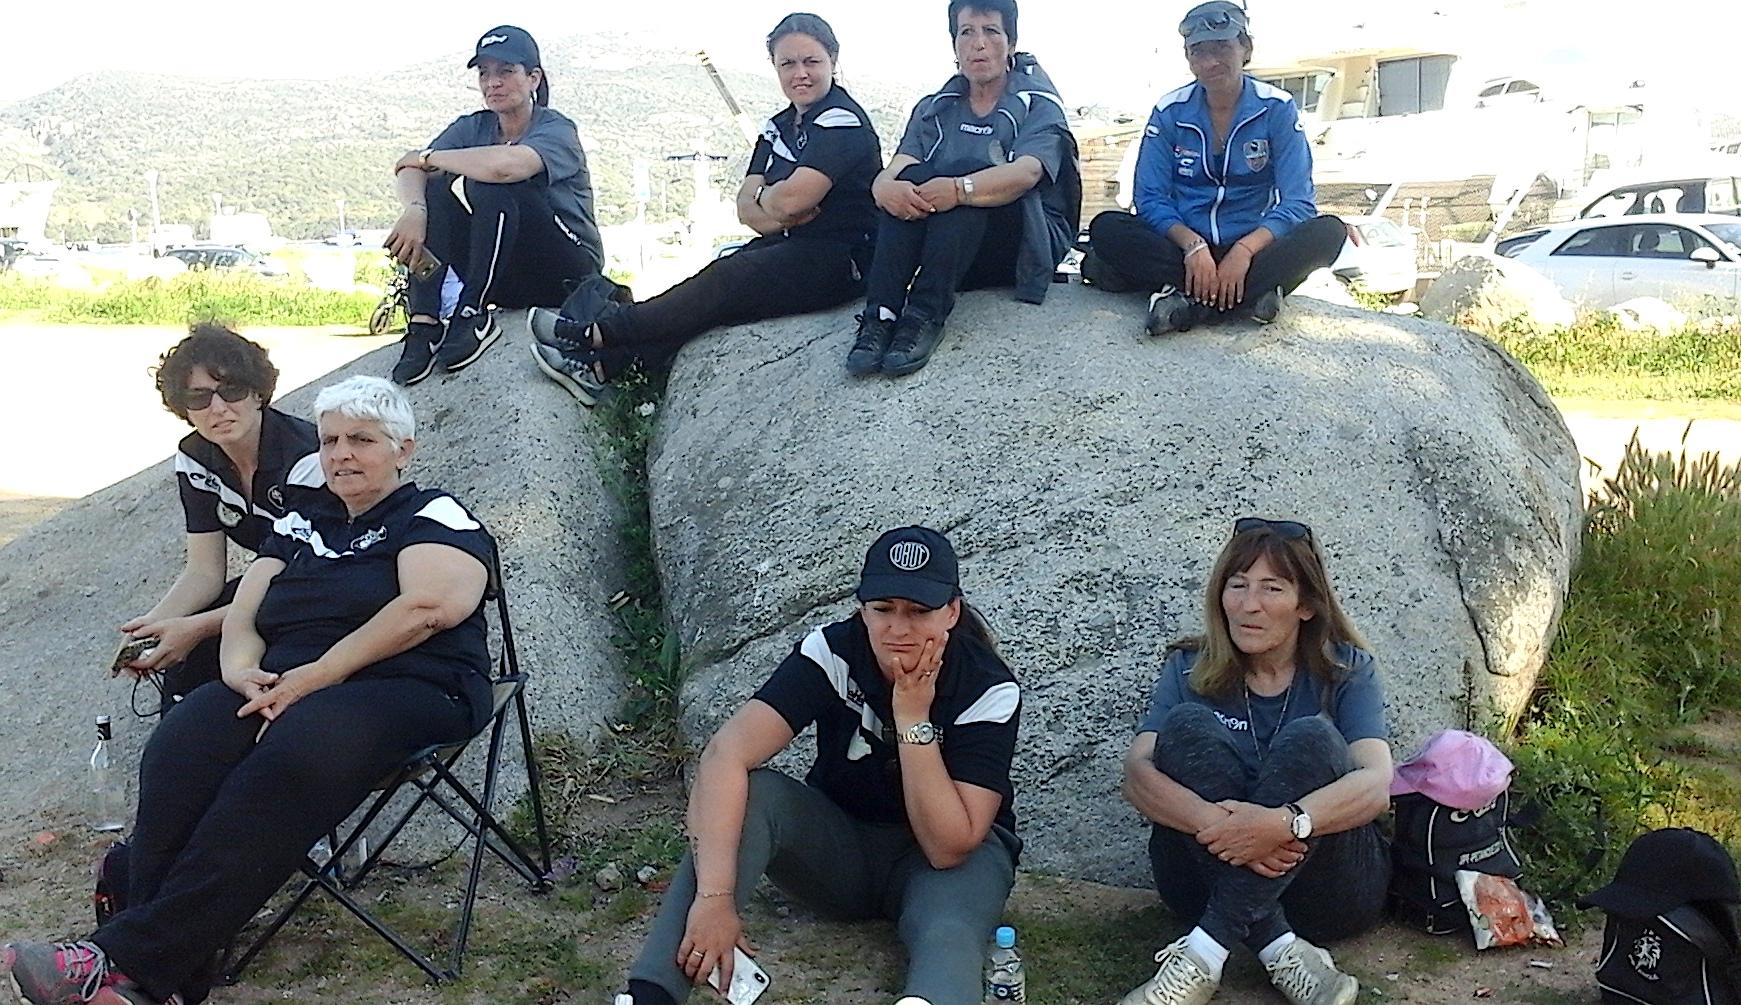 Pétanque : Les qualifications pour les championnats de France à Porto-Vecchio